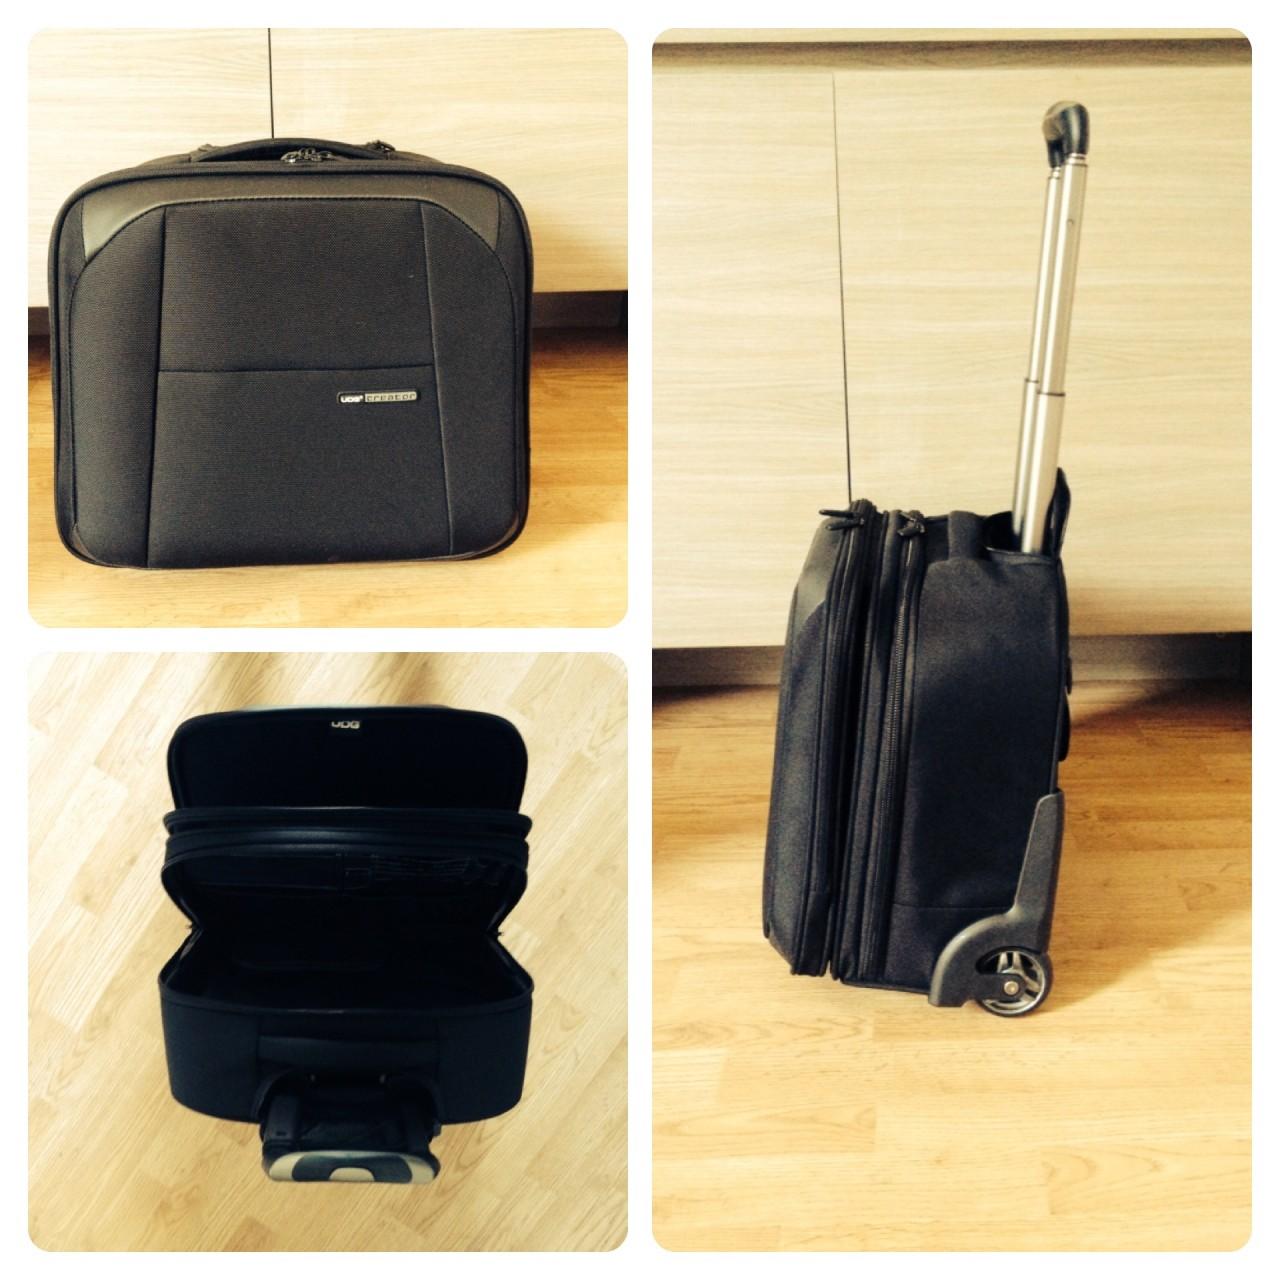 Ikea Koffer ikea trolley koffer tabell köksredskap